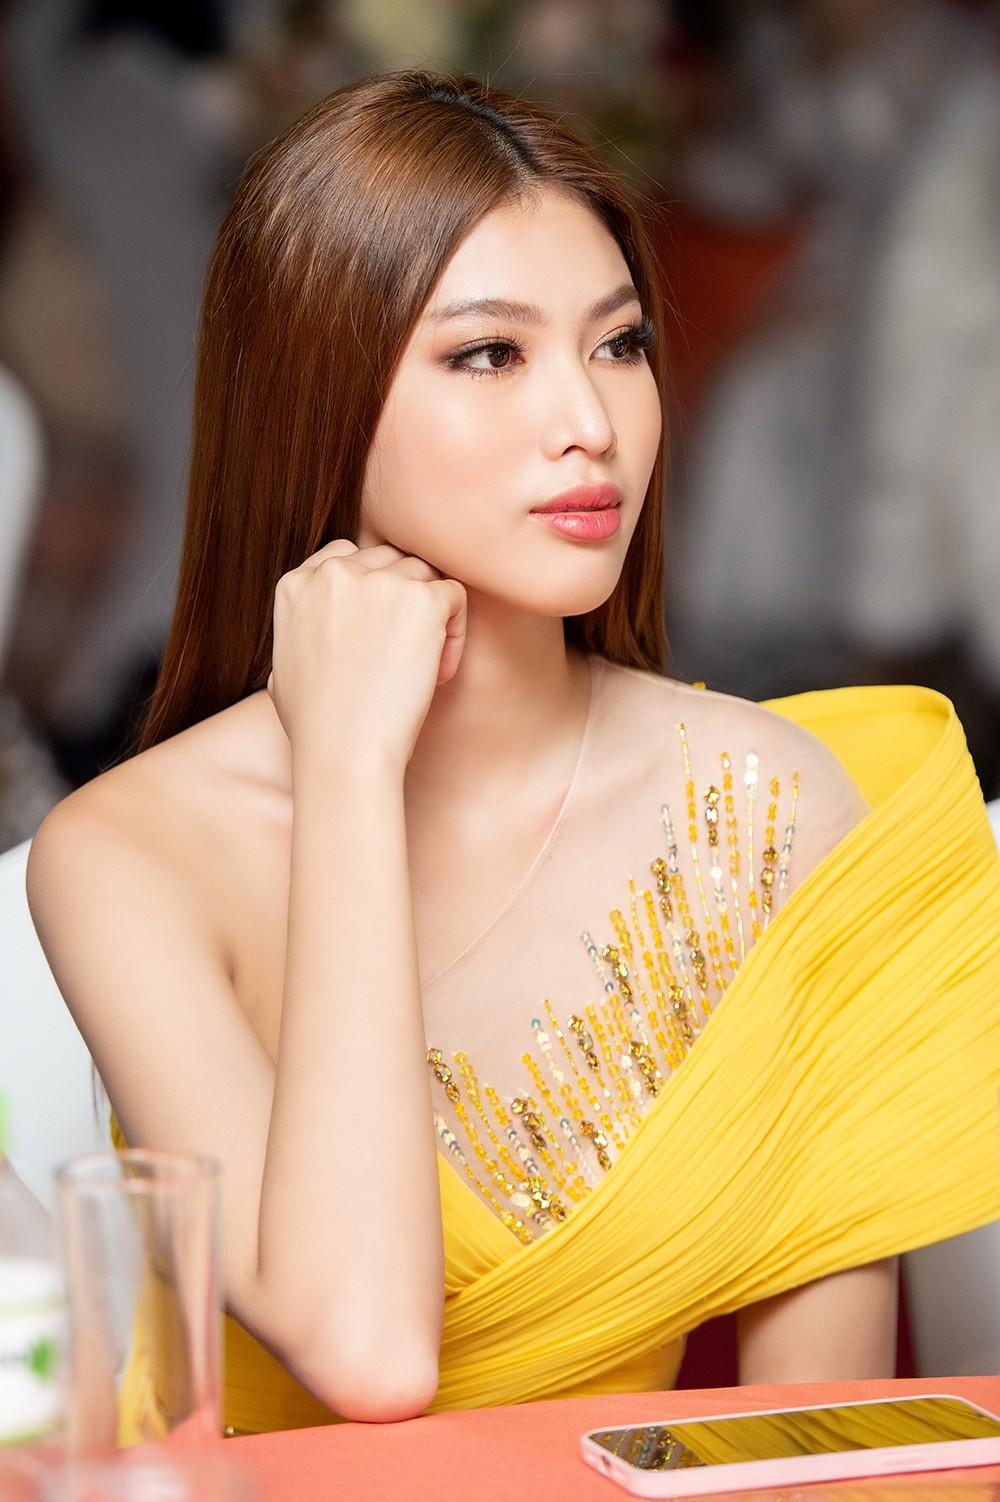 Á hậu Ngọc Thảo diện váy vàng rực khoe chân dài 1m11 cùng trình catwalk 'đỉnh cao' ảnh 11